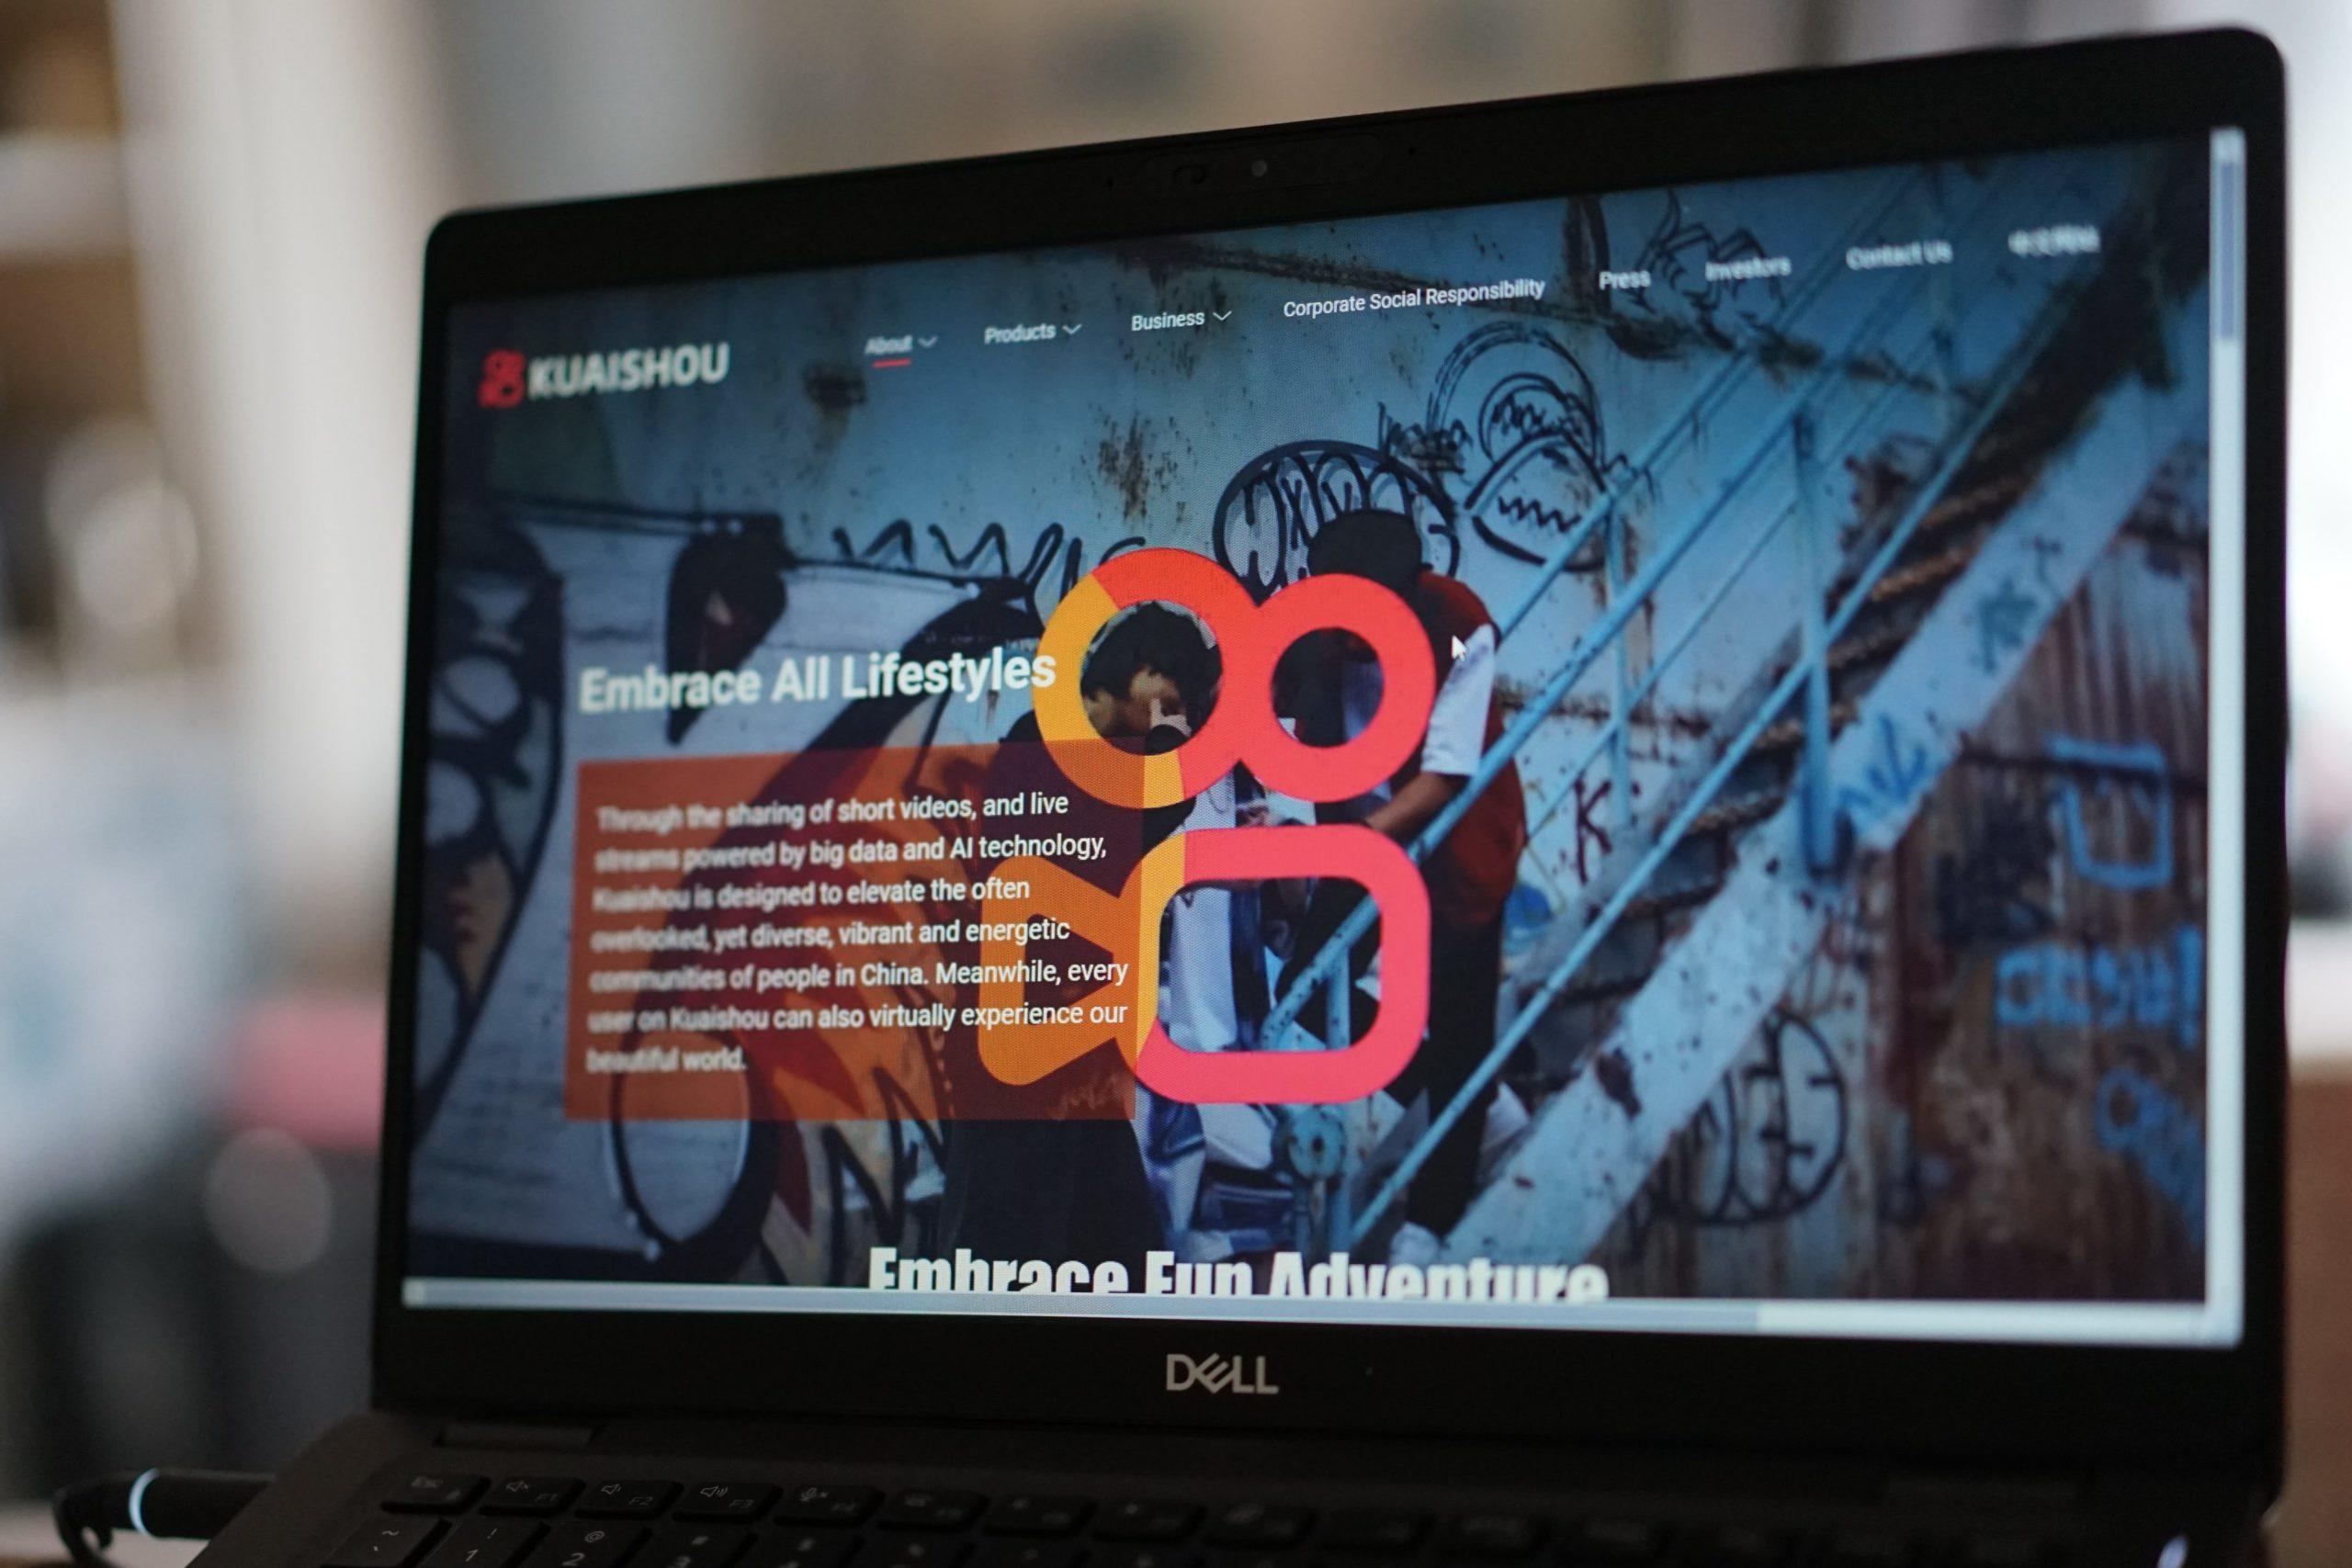 A computer screen featuring Kuaishou's logo.